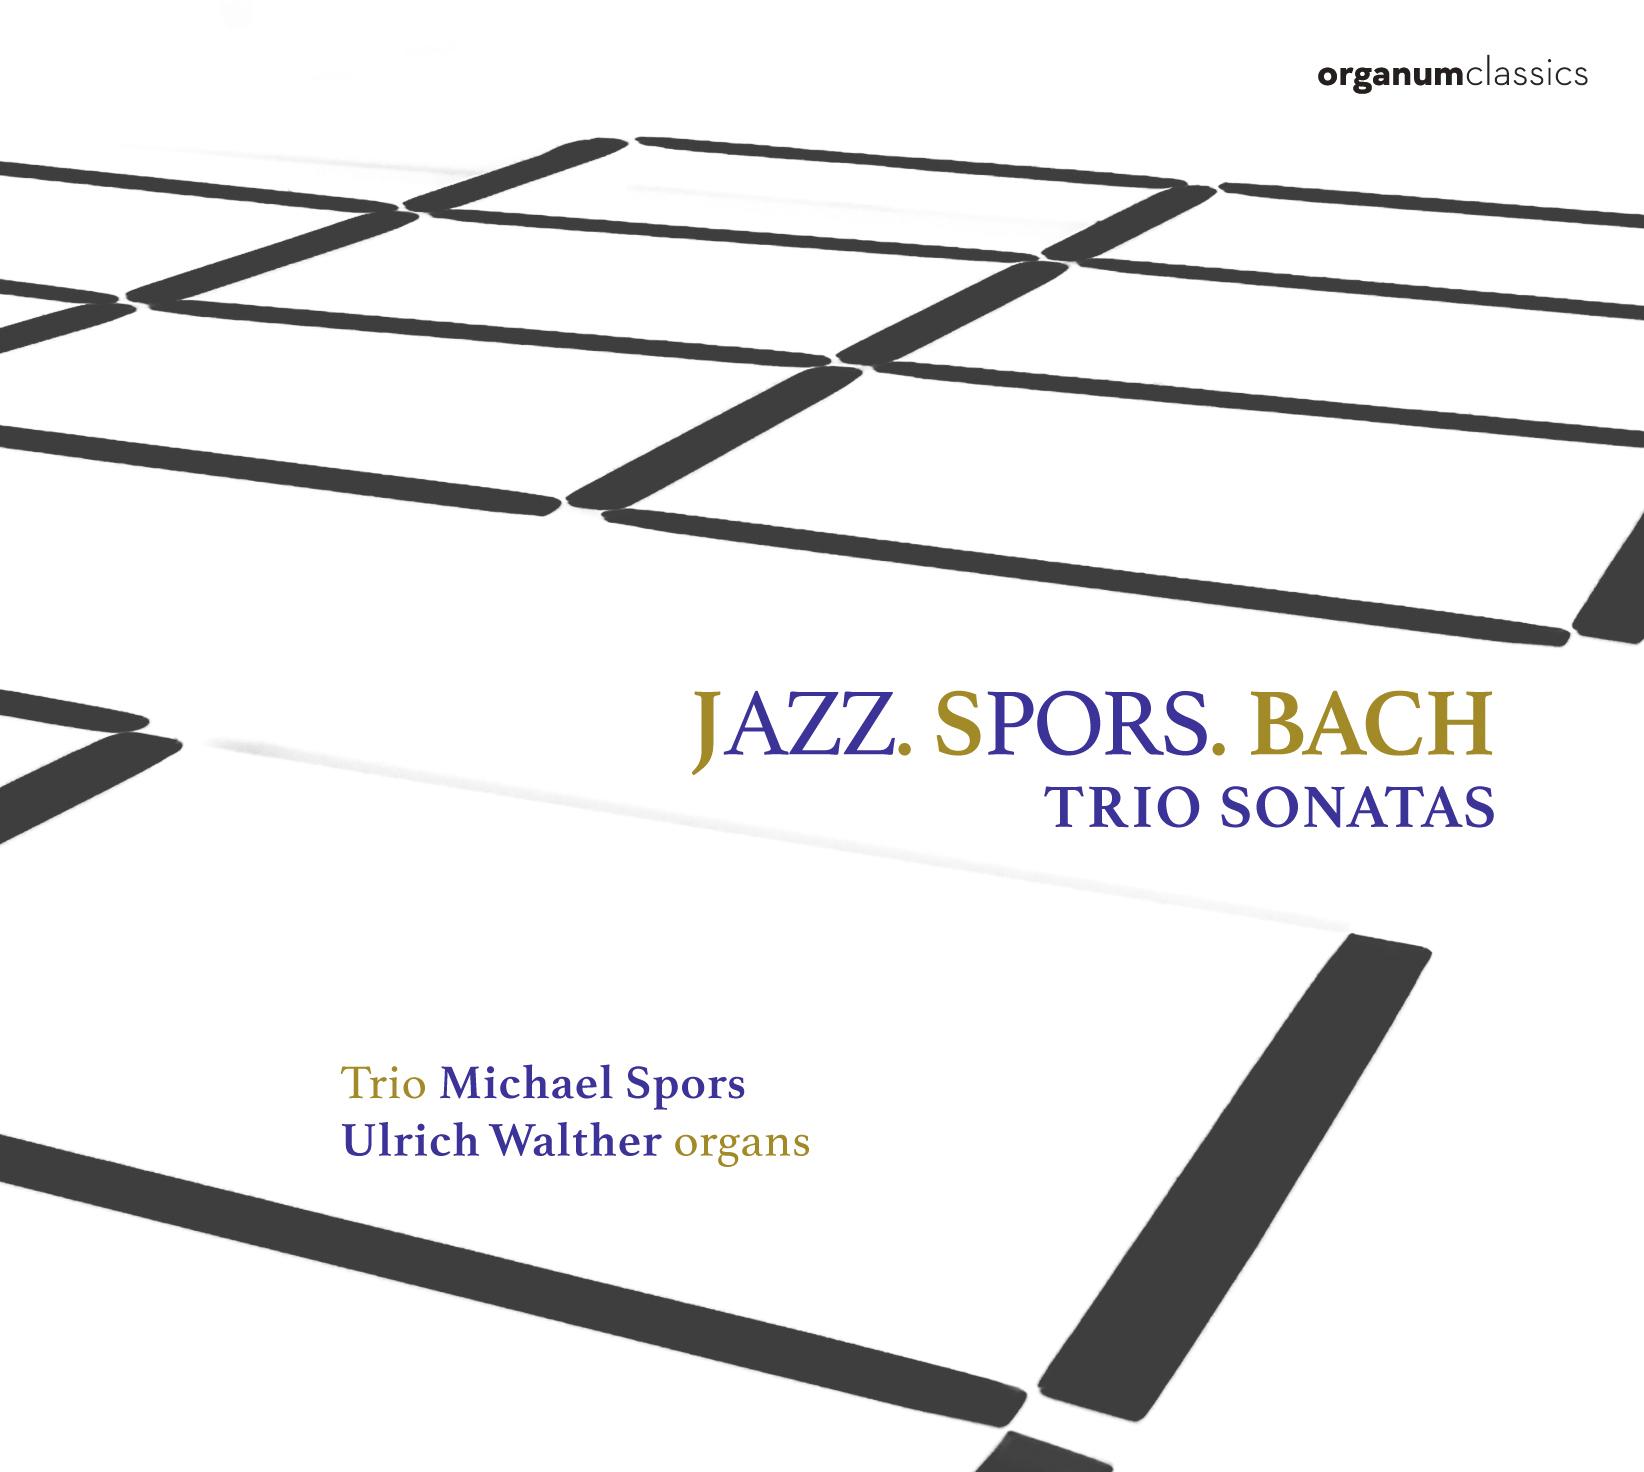 OGM_181075_Jazz-Spors-Bach_Cover.jpg